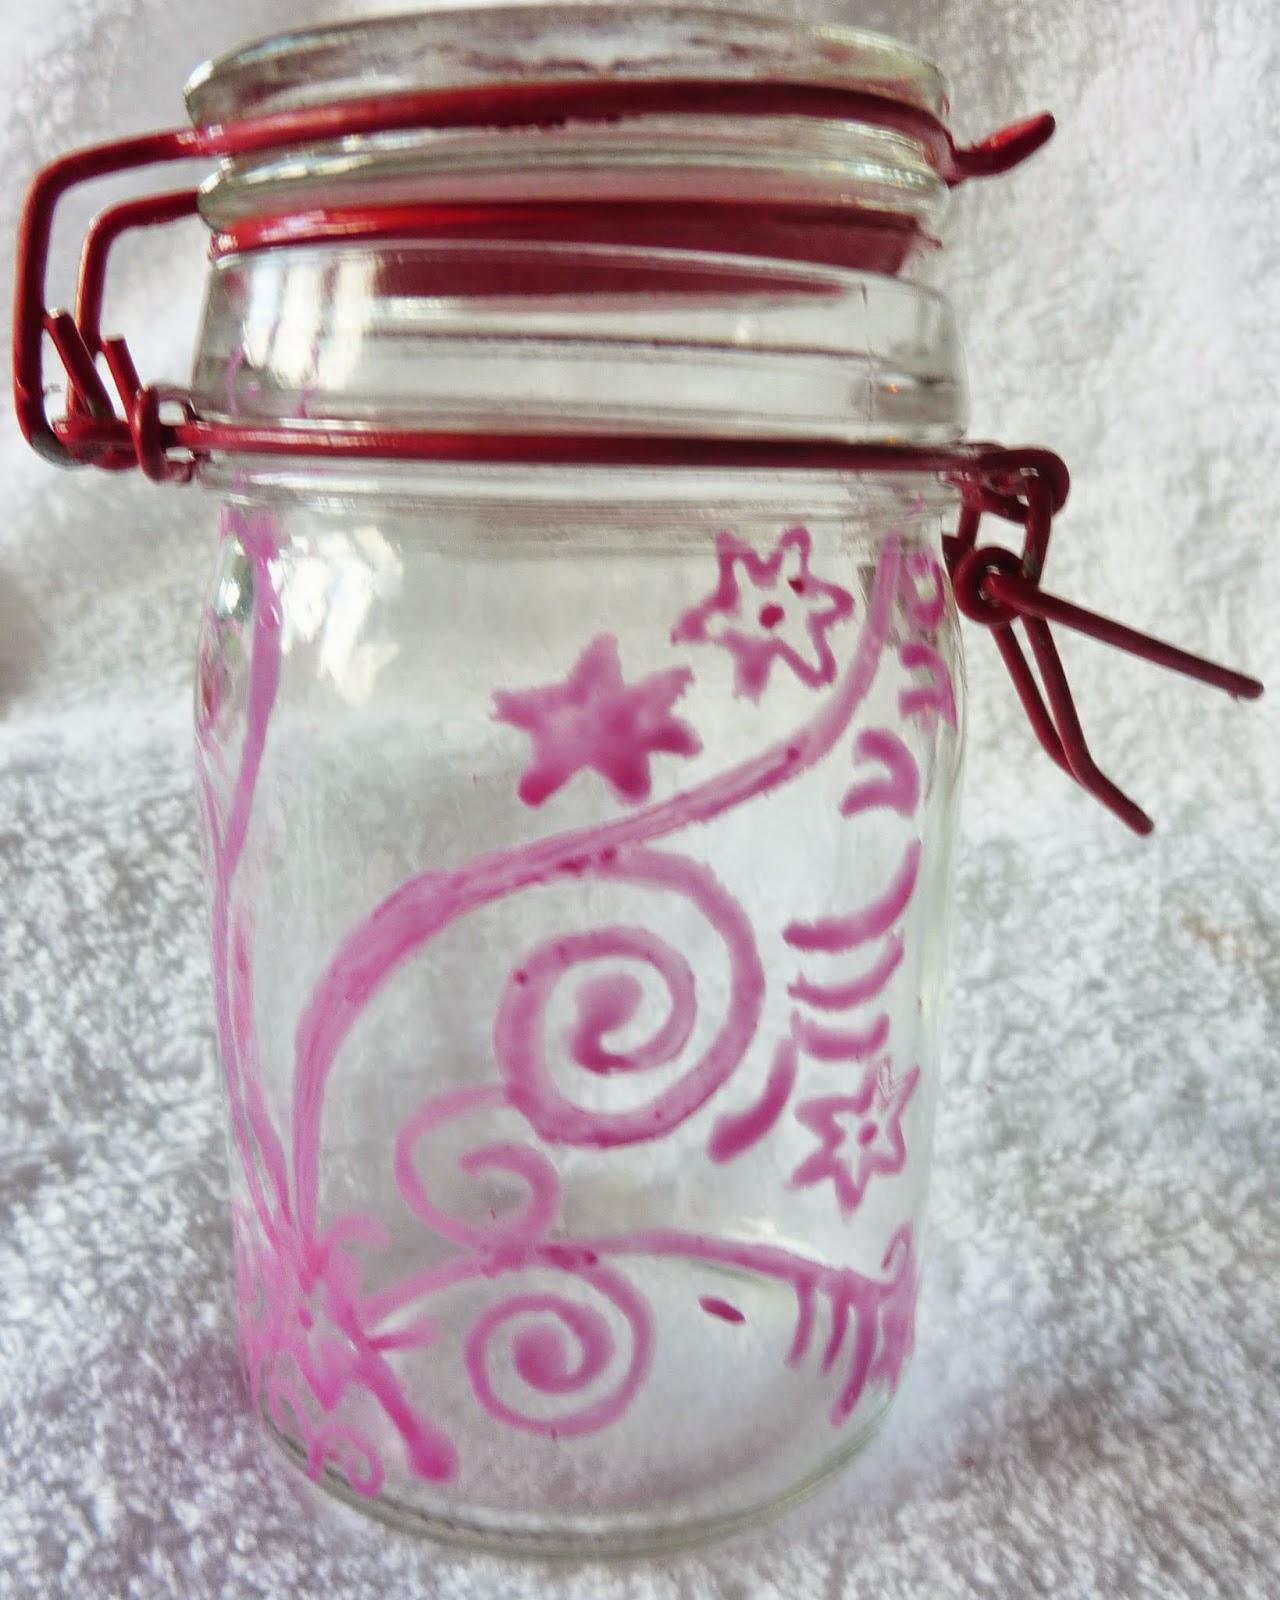 Comment d corer un pot en verre soyez farahmineuse - Customiser des pots en verre ...